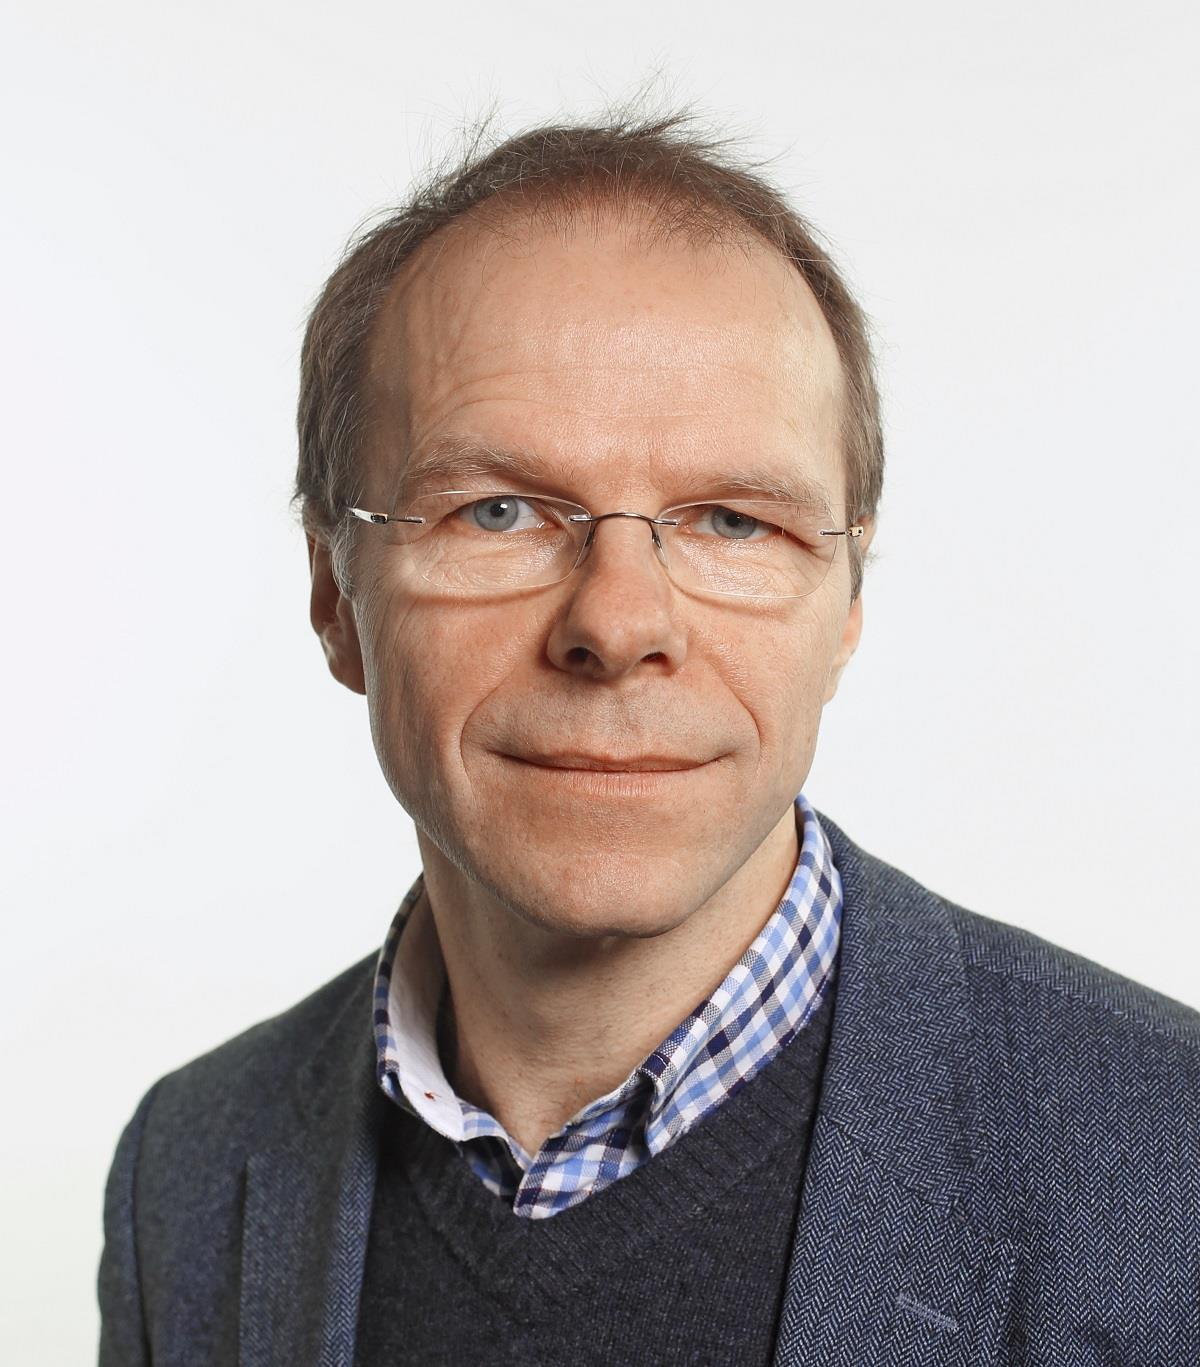 Piotr Zmelonek Polityka ()